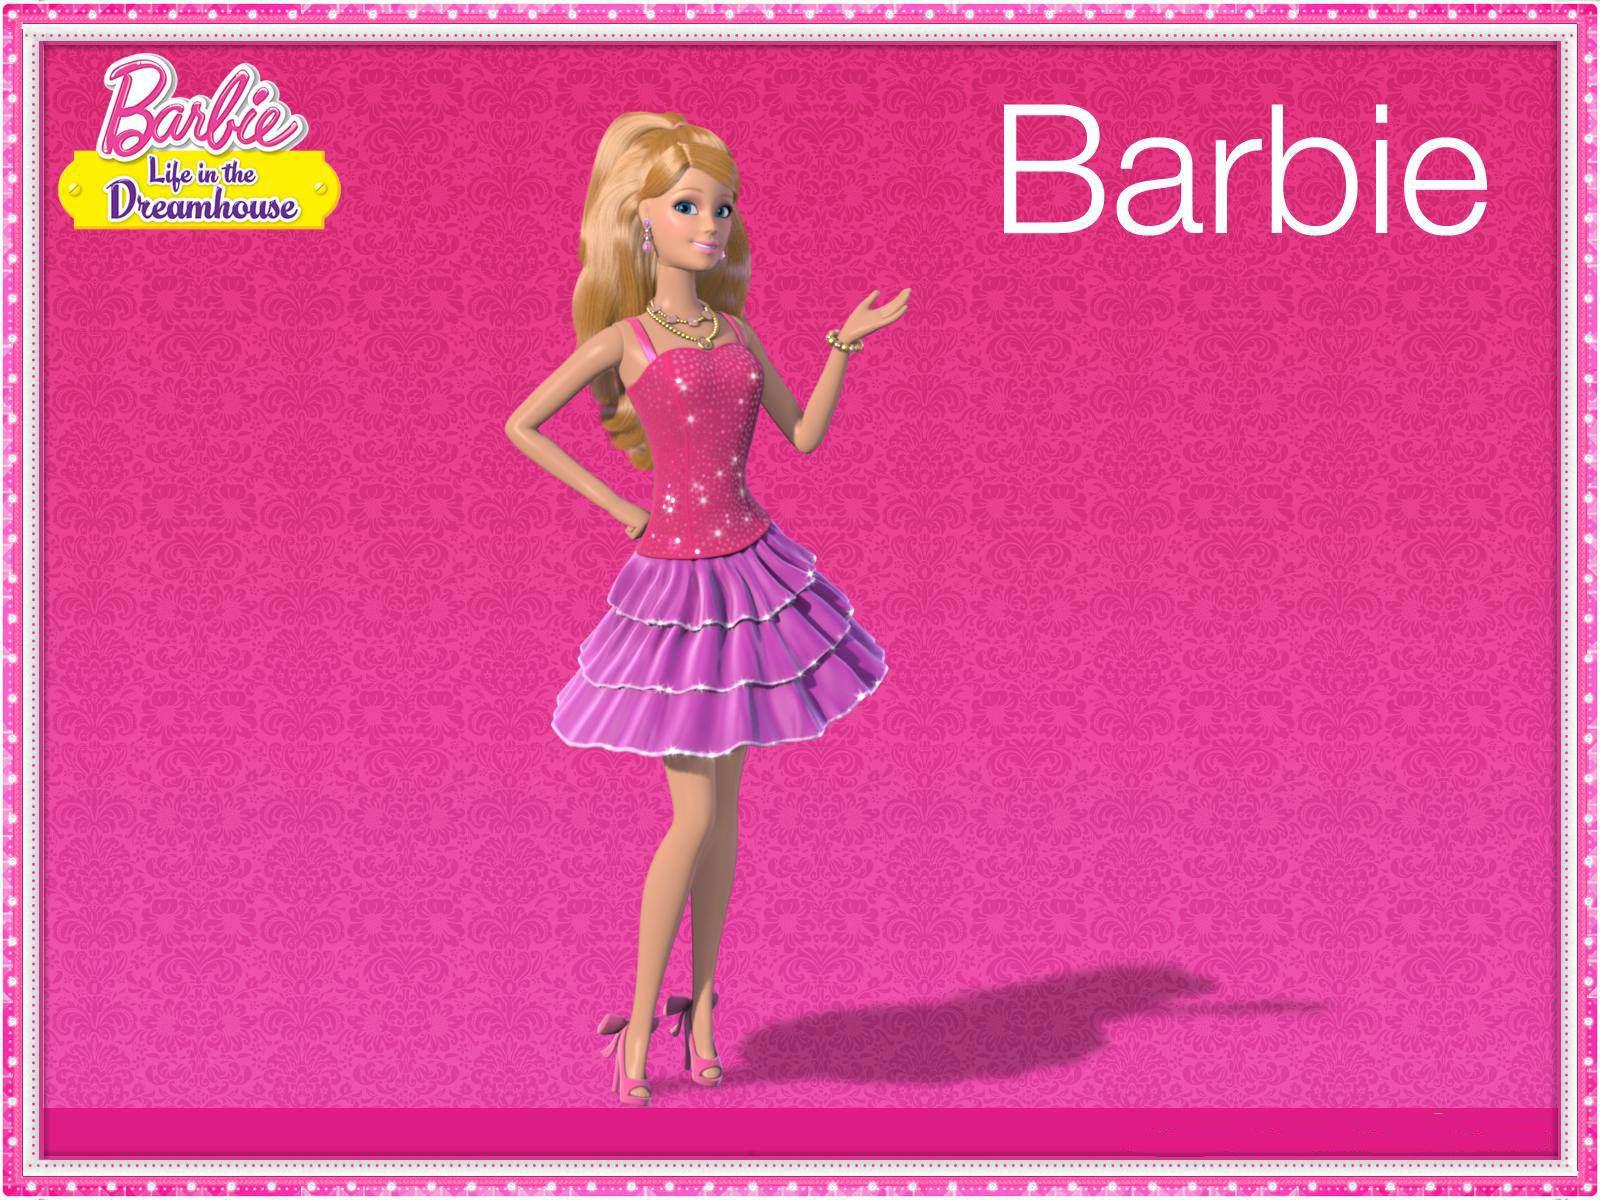 芭比公主系列电影大合集下载,从2001年至2014年共27部,女孩子最爱图片 No.4